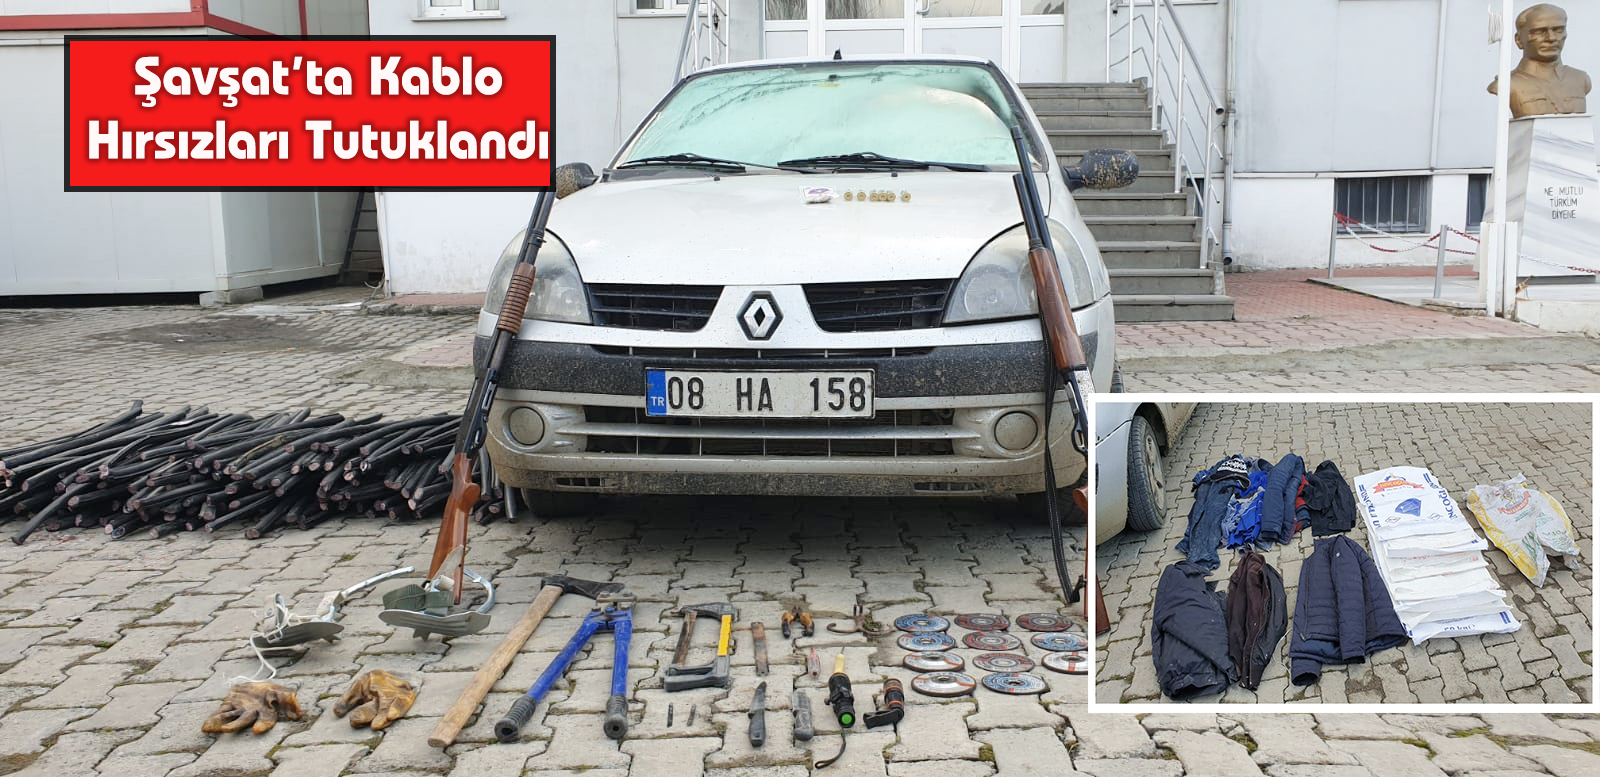 Şavşat'ta Kablo Hırsızları Tutuklandı